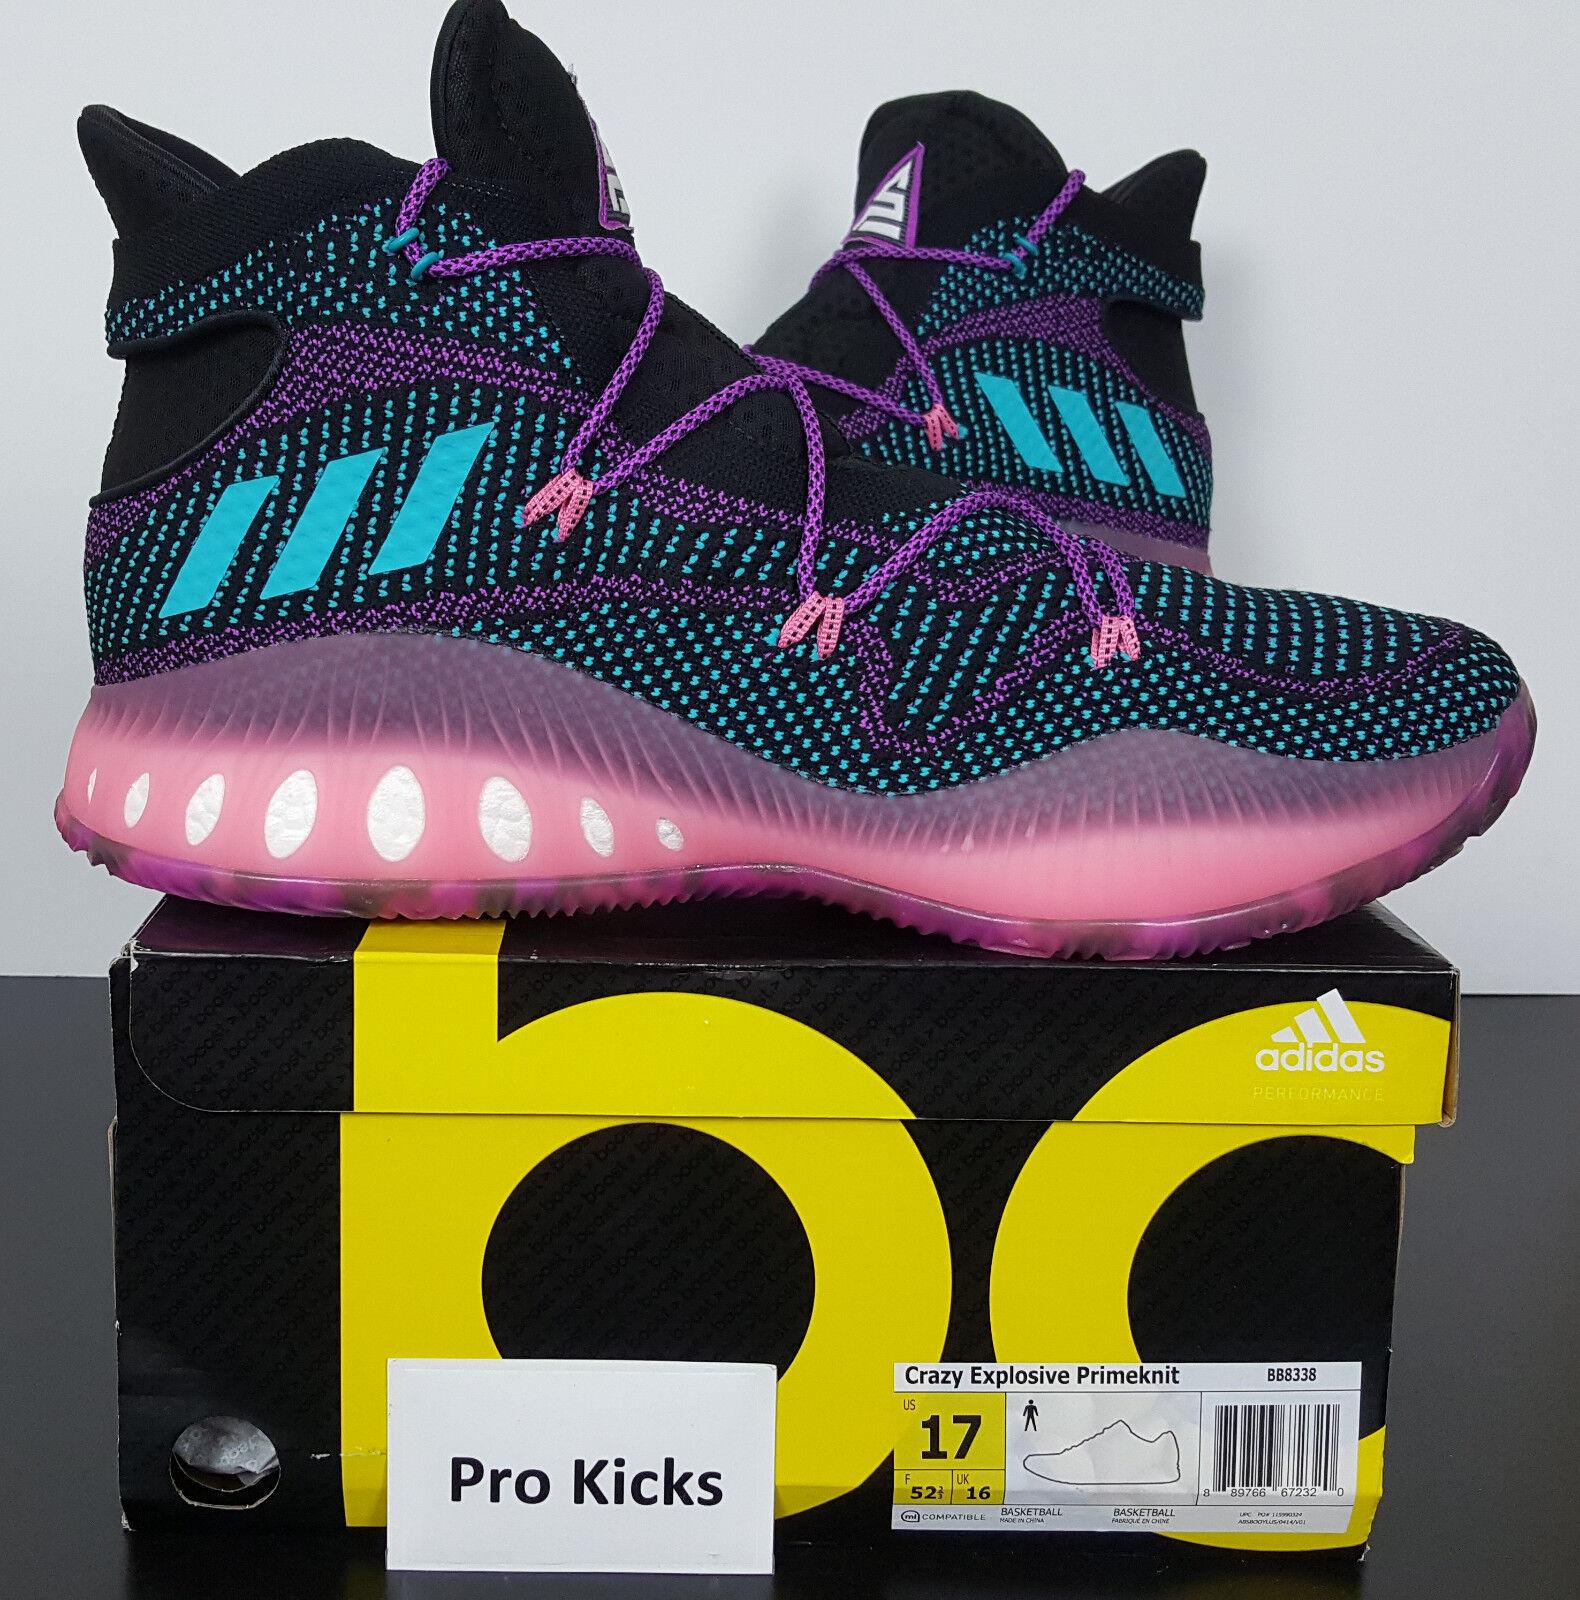 Adidas Crazy explosivo primeknit Nick Young PE Swaggy reducción P le nueva bb8338 reducción Swaggy de precio c57702